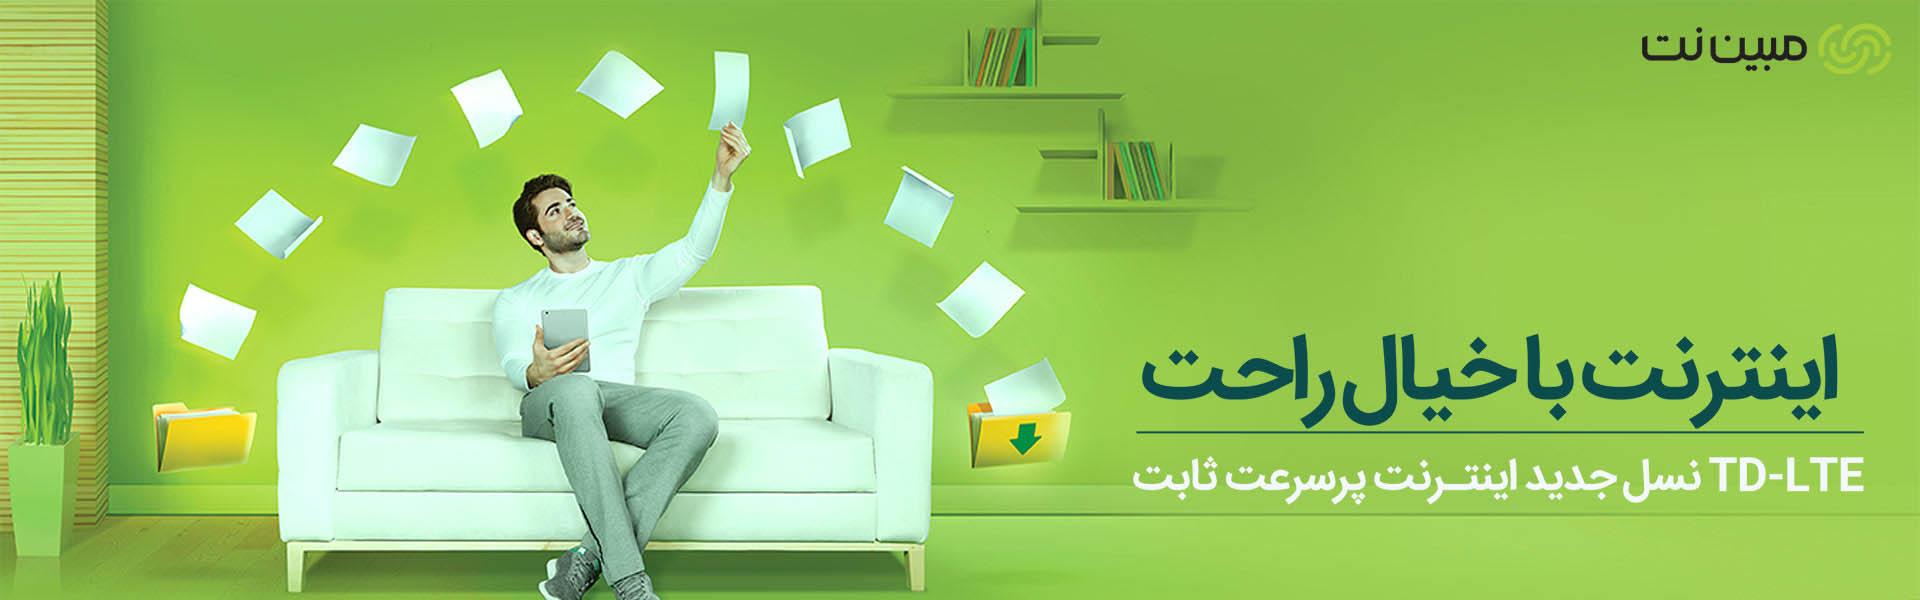 اینترنت پرسرعت LTE مبین نت در همدان